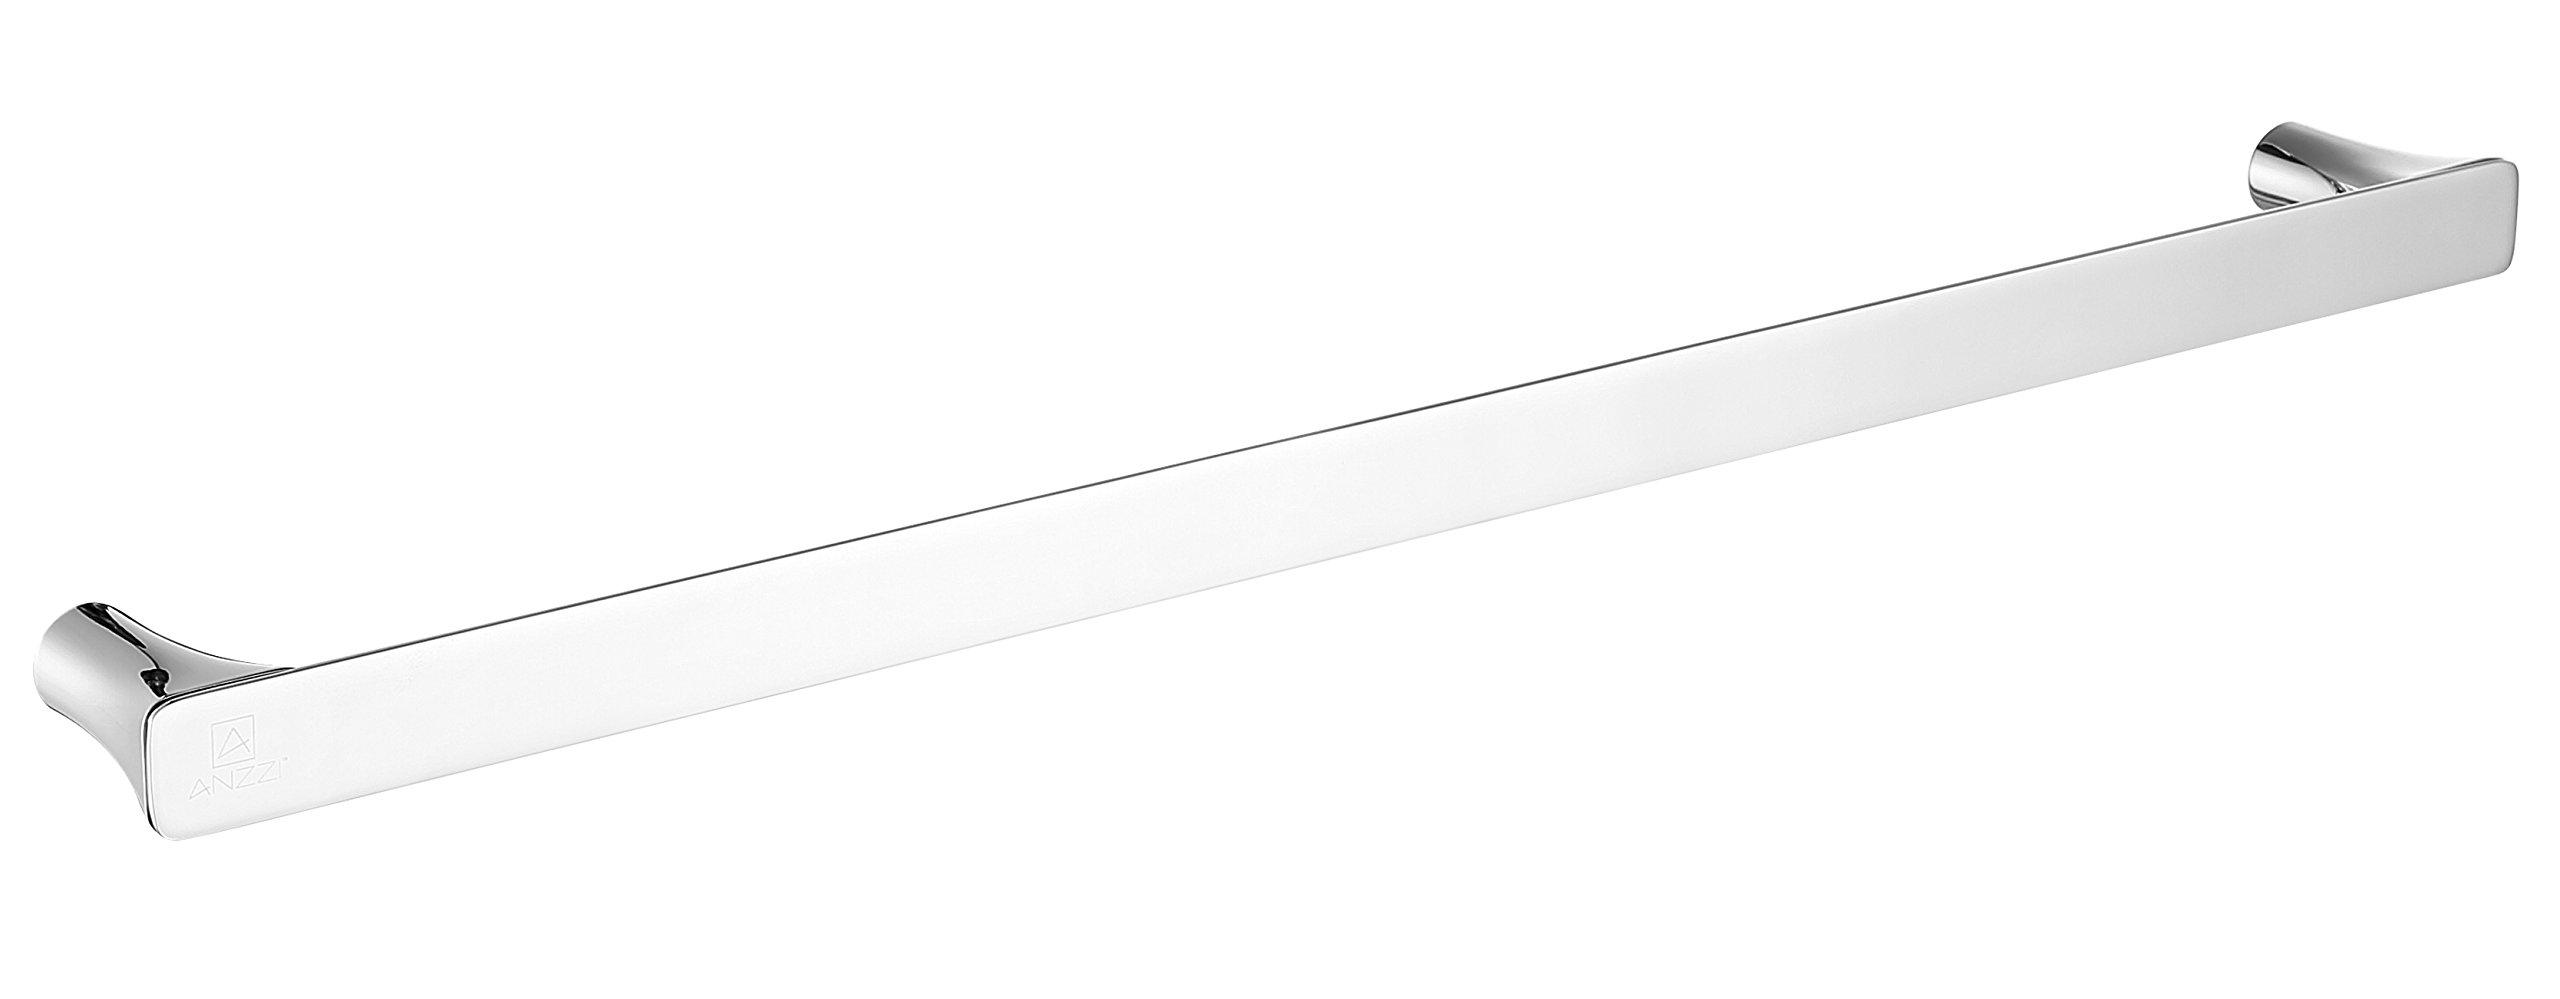 25.13'' Towel Bar - Polished Chrome - Essence Series AC-AZ052 - ANZZI